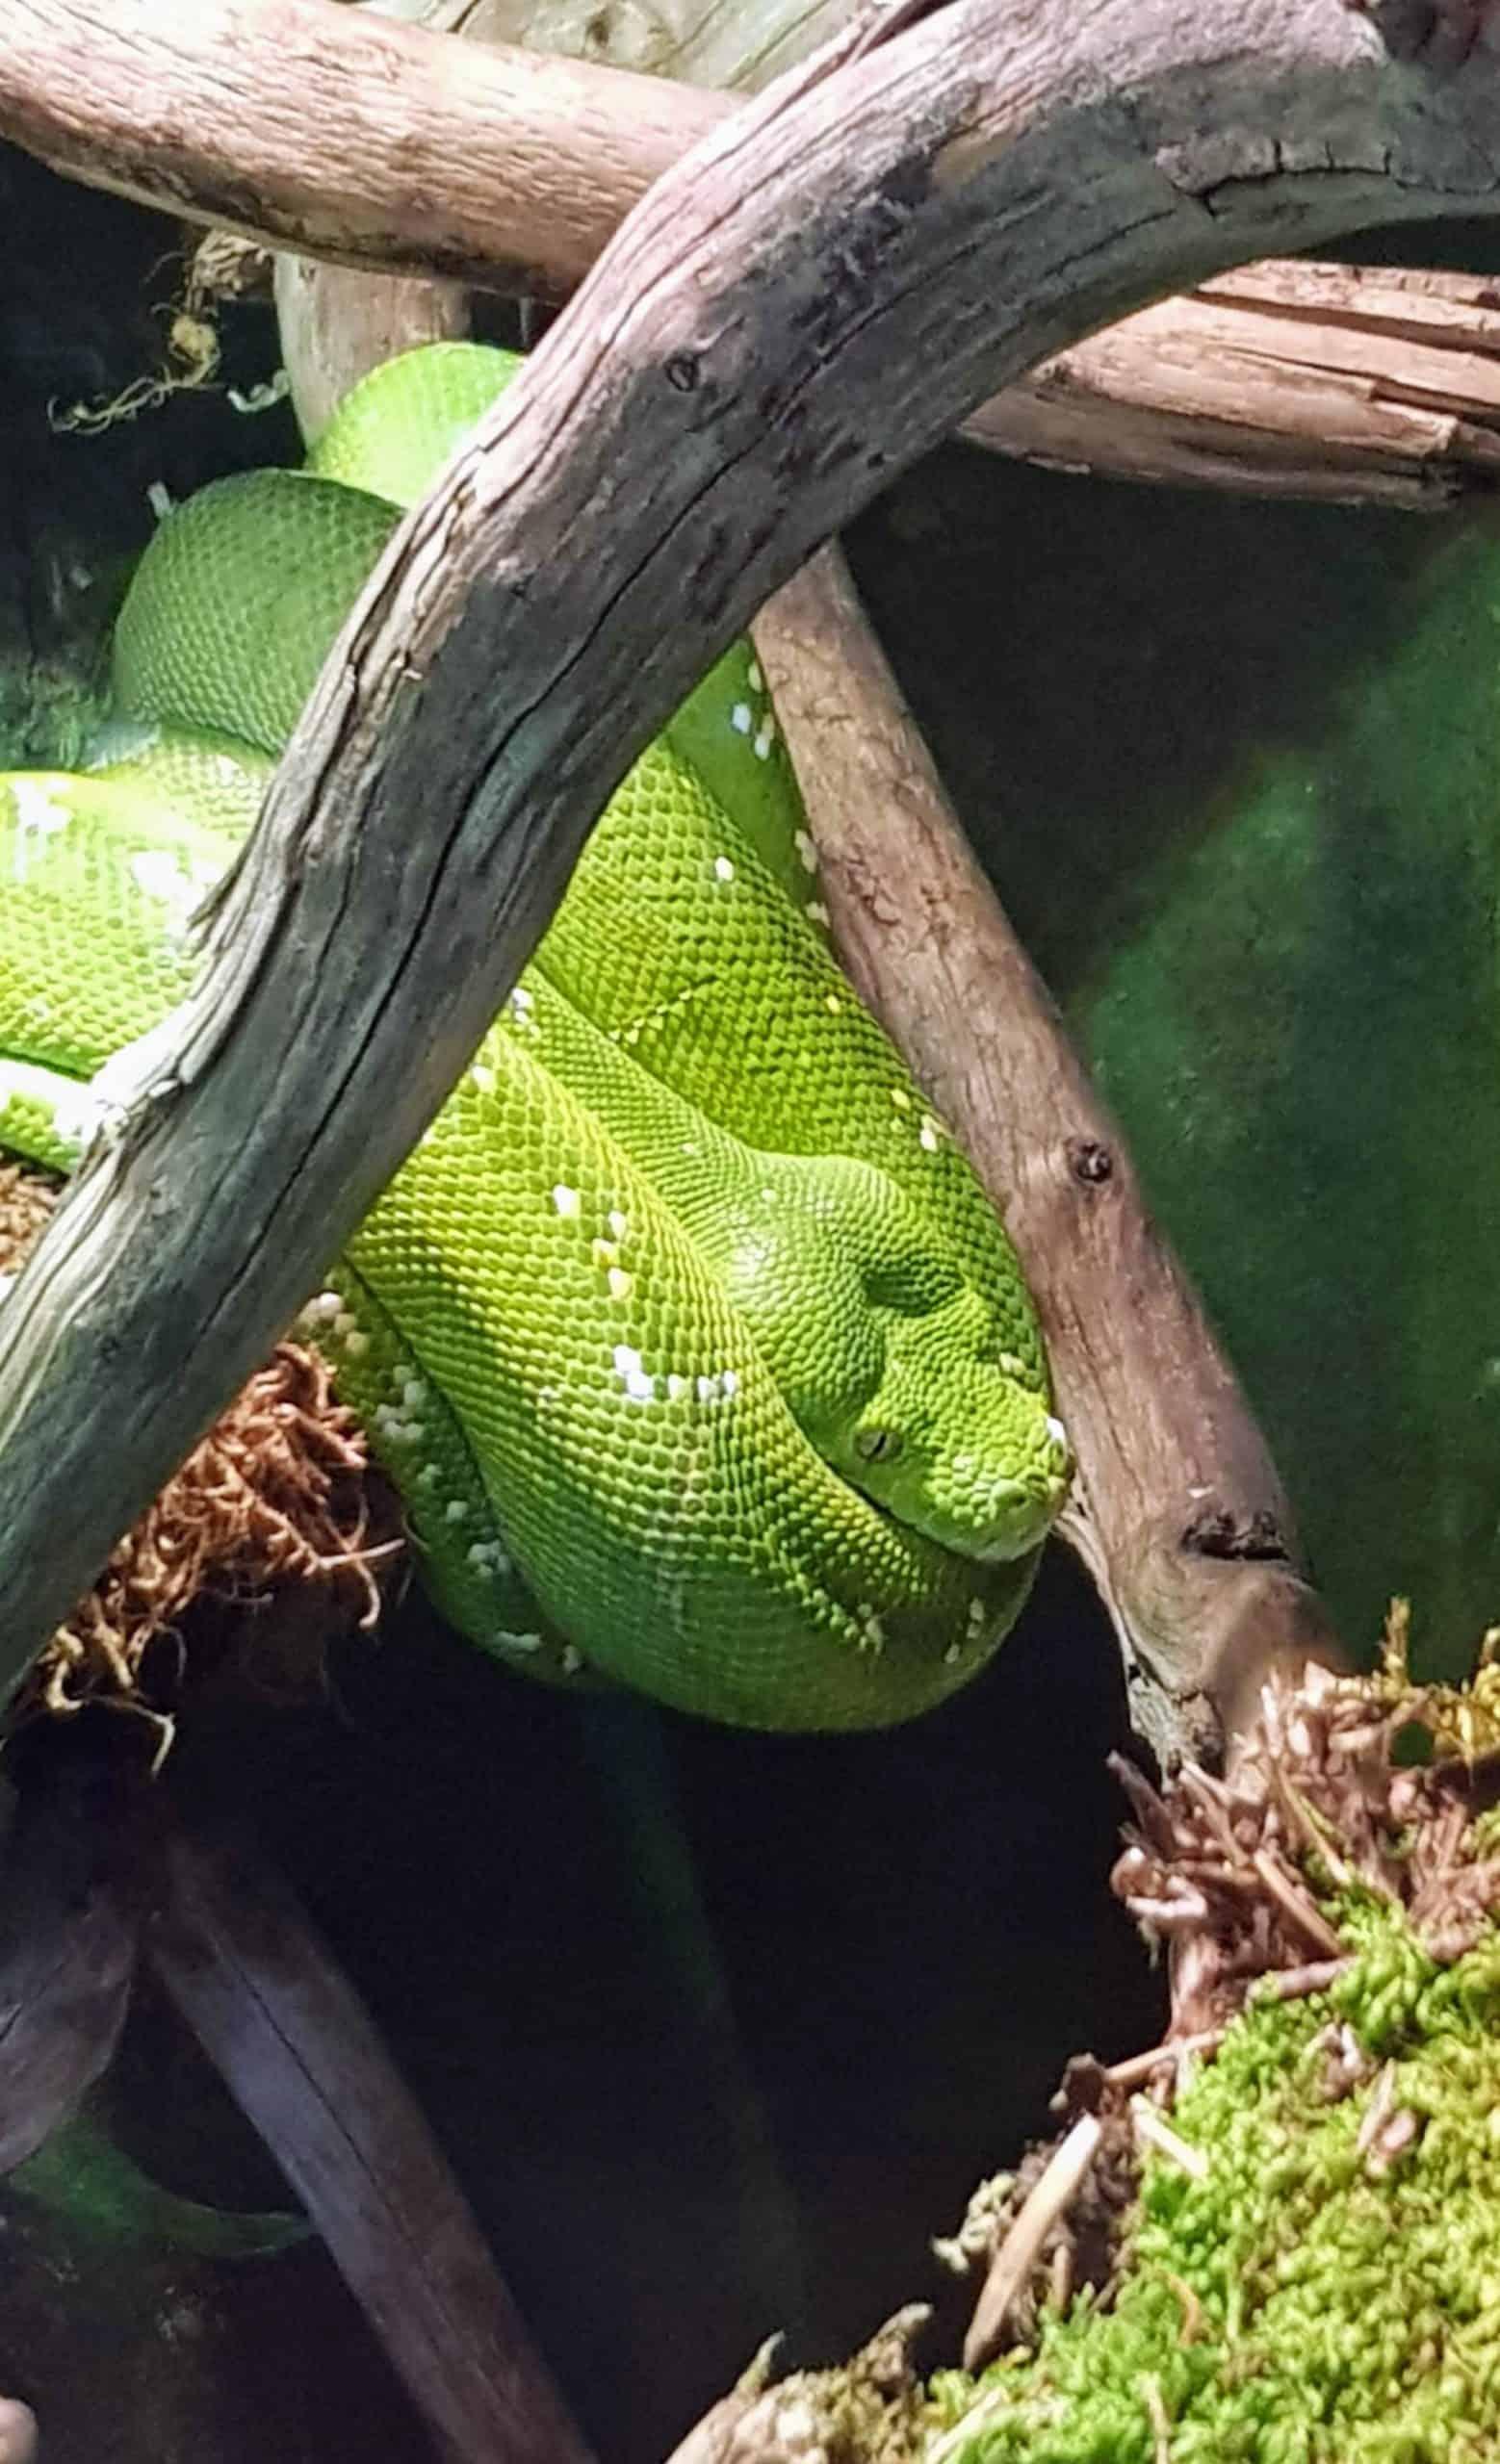 sehenswerter Reptilienzoo Happ in Klagenfurt mit Schlangen und Echsen - Ausflugsziel in Kärnten